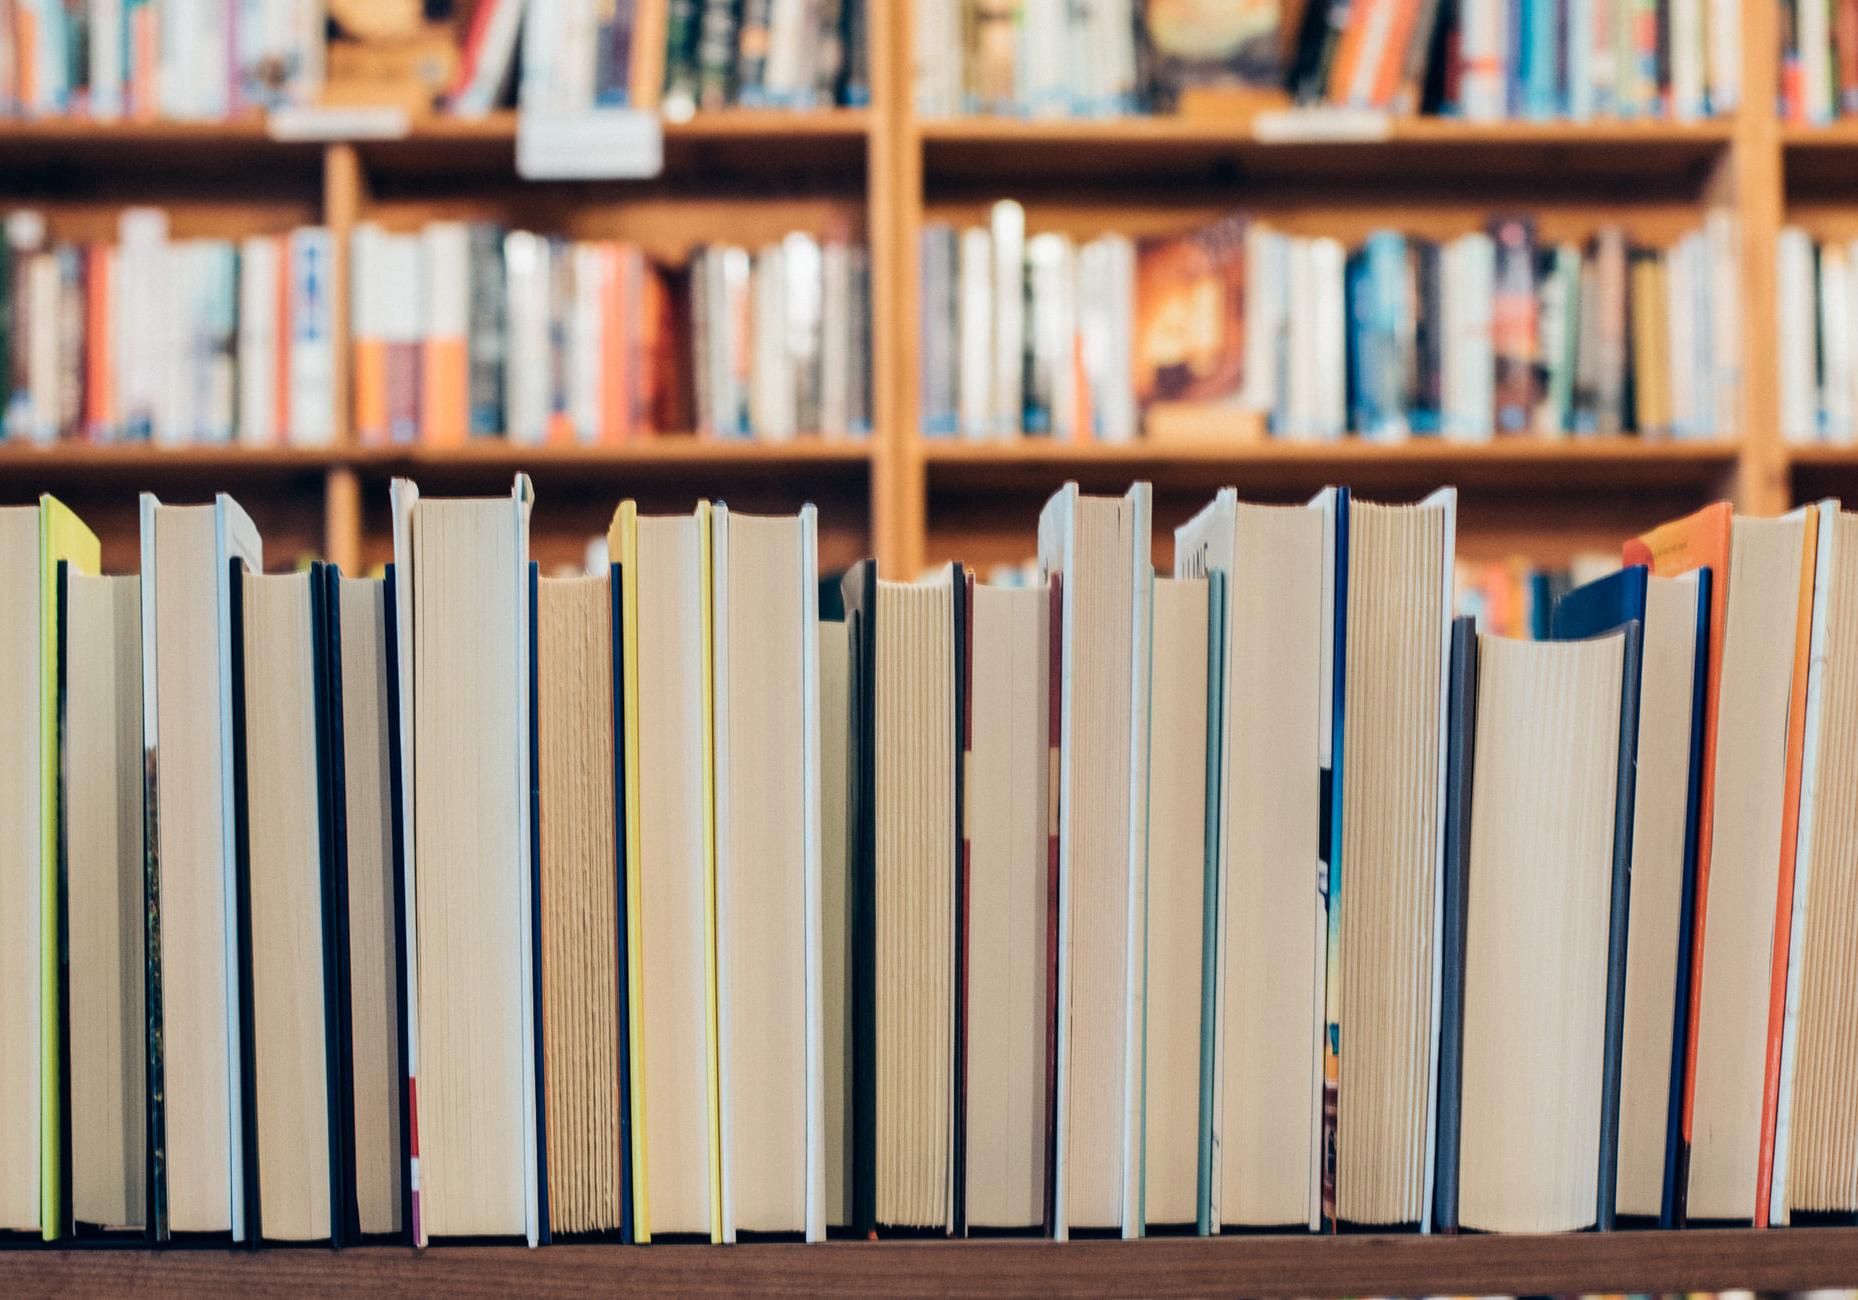 10 cărți noi de la 10 edituri